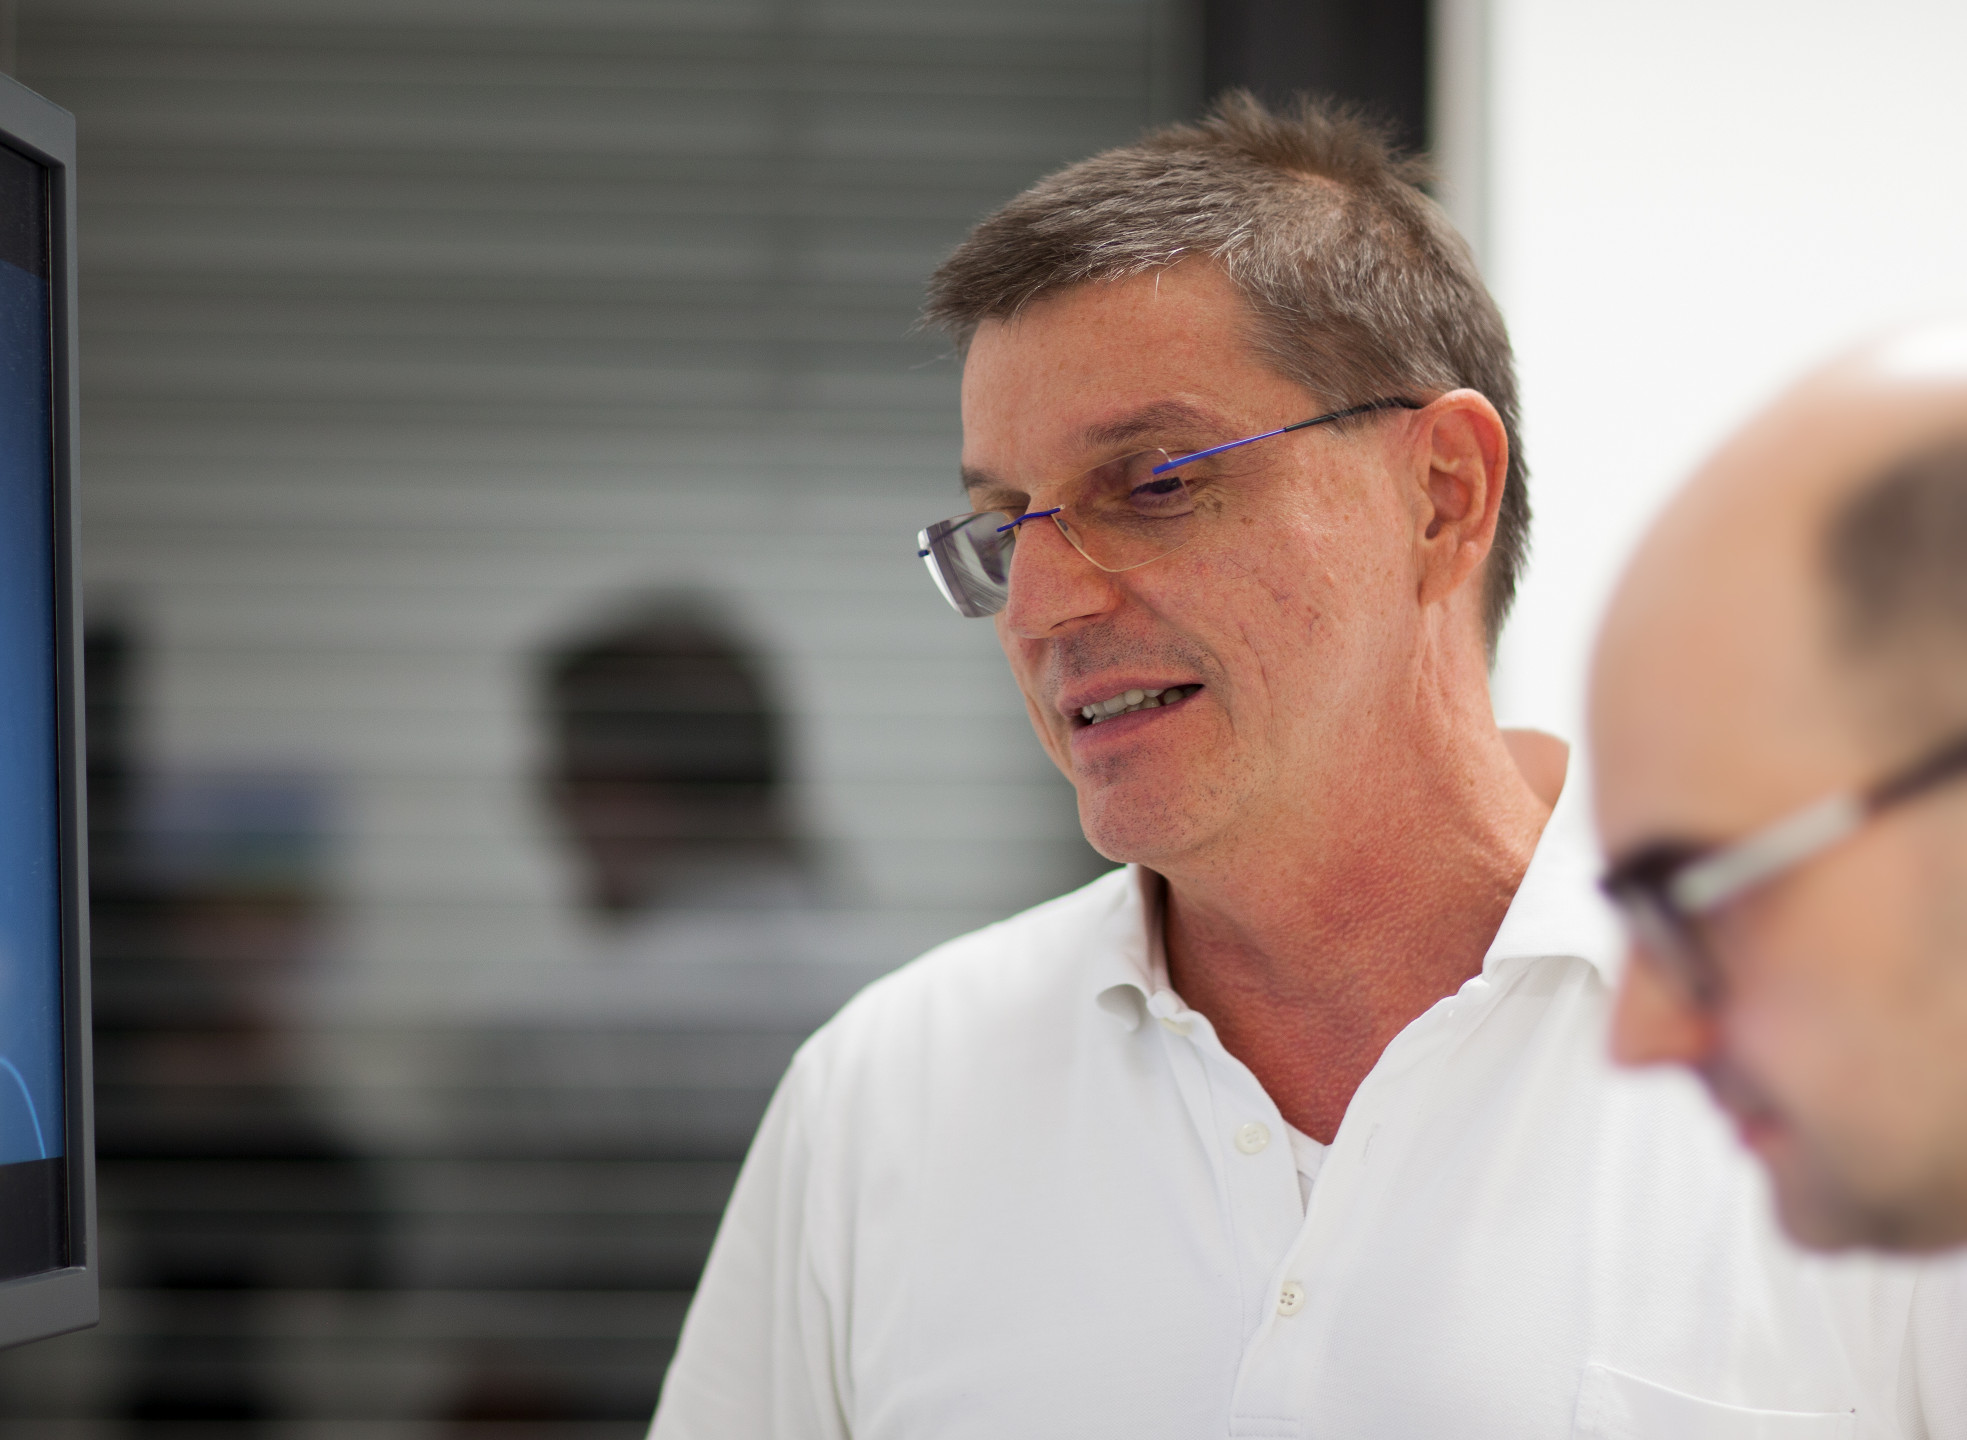 Dr. Schiek